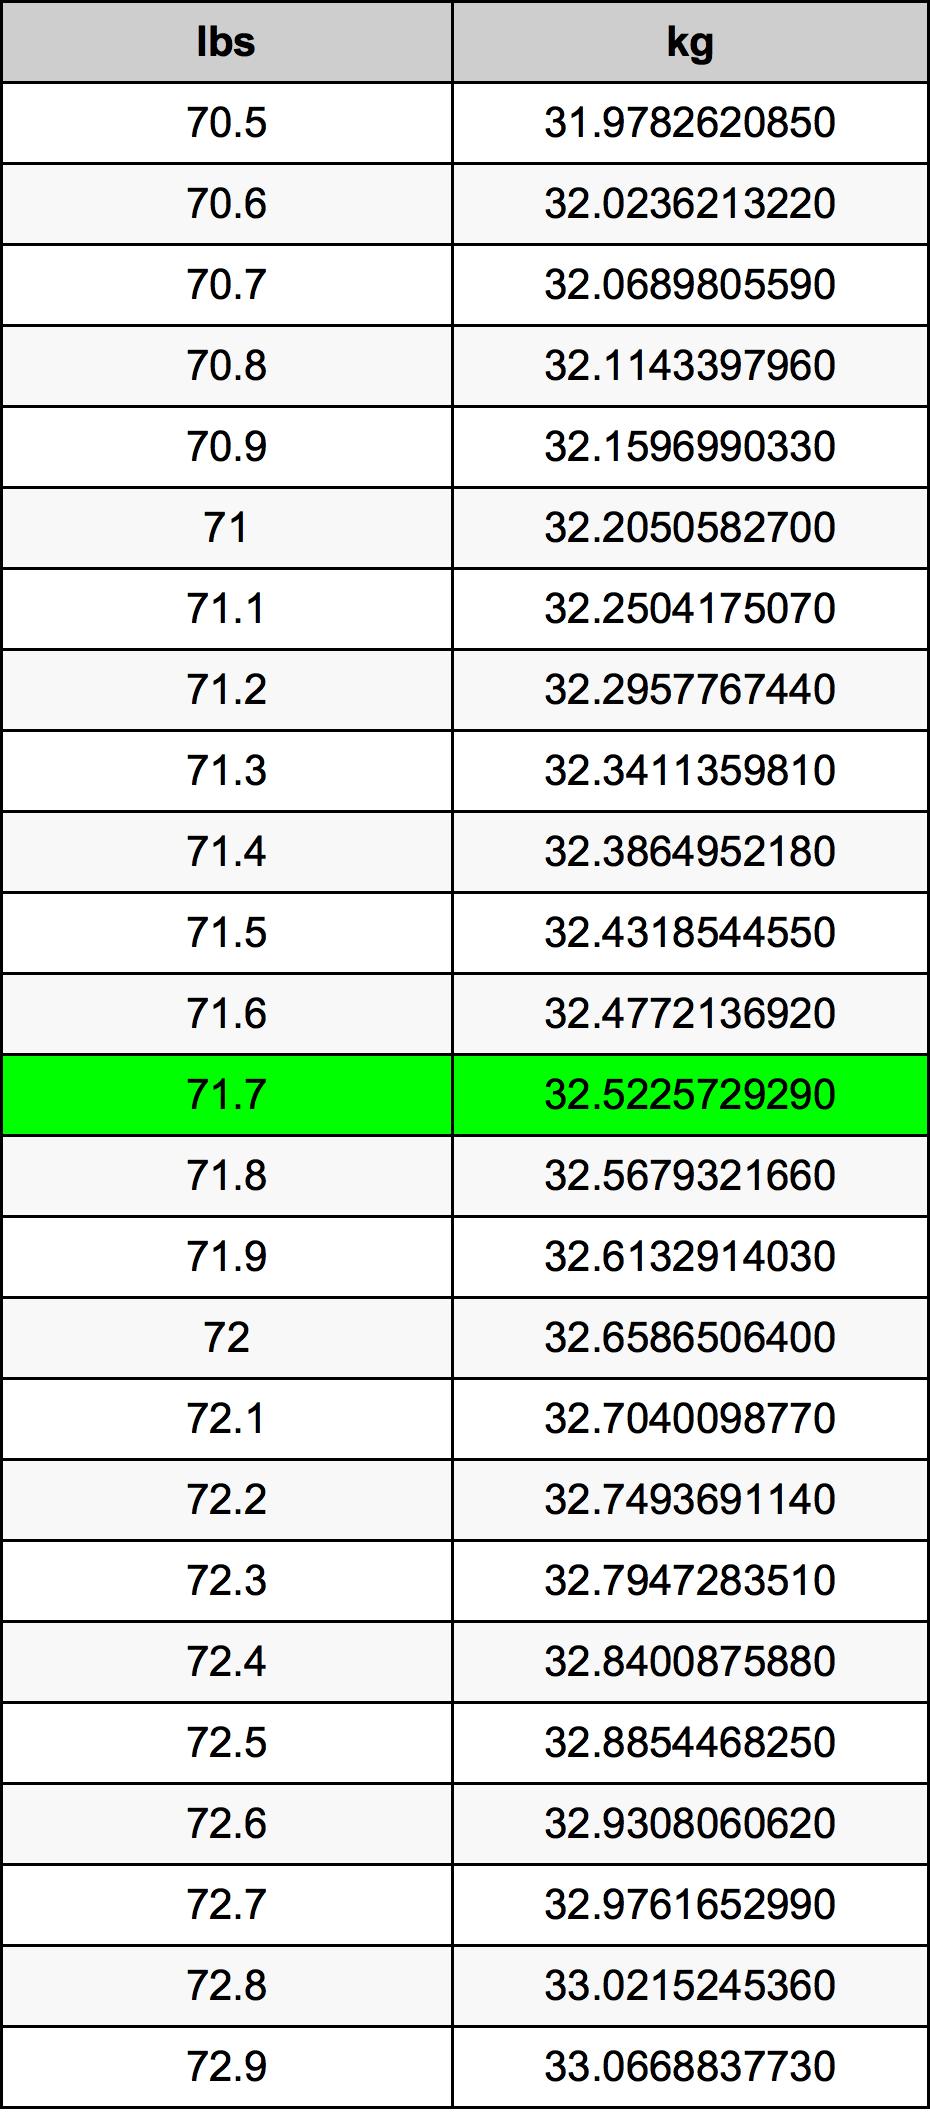 71.7 Svaras konversijos lentelę